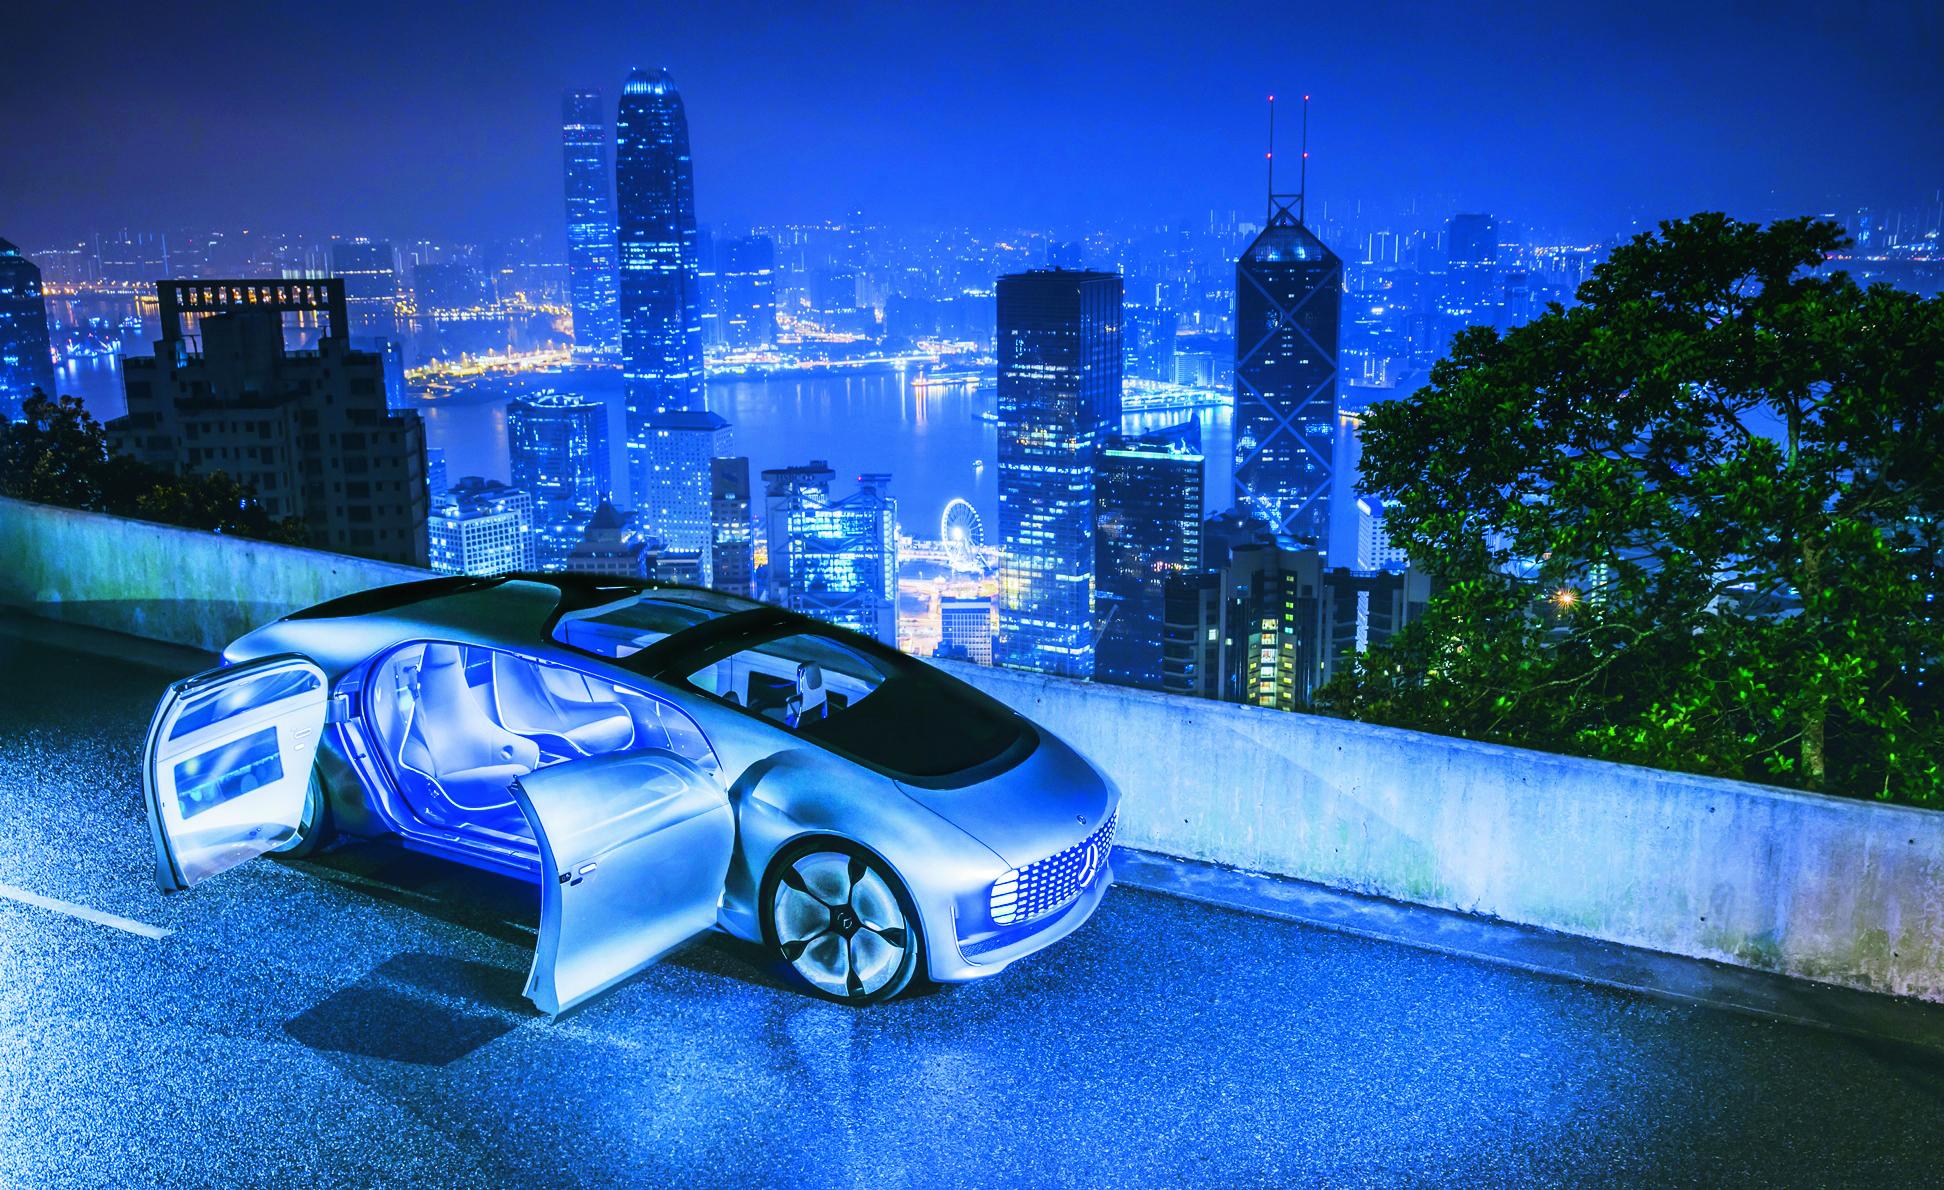 Hidrojen motoru - otomobillerimizin geleceği